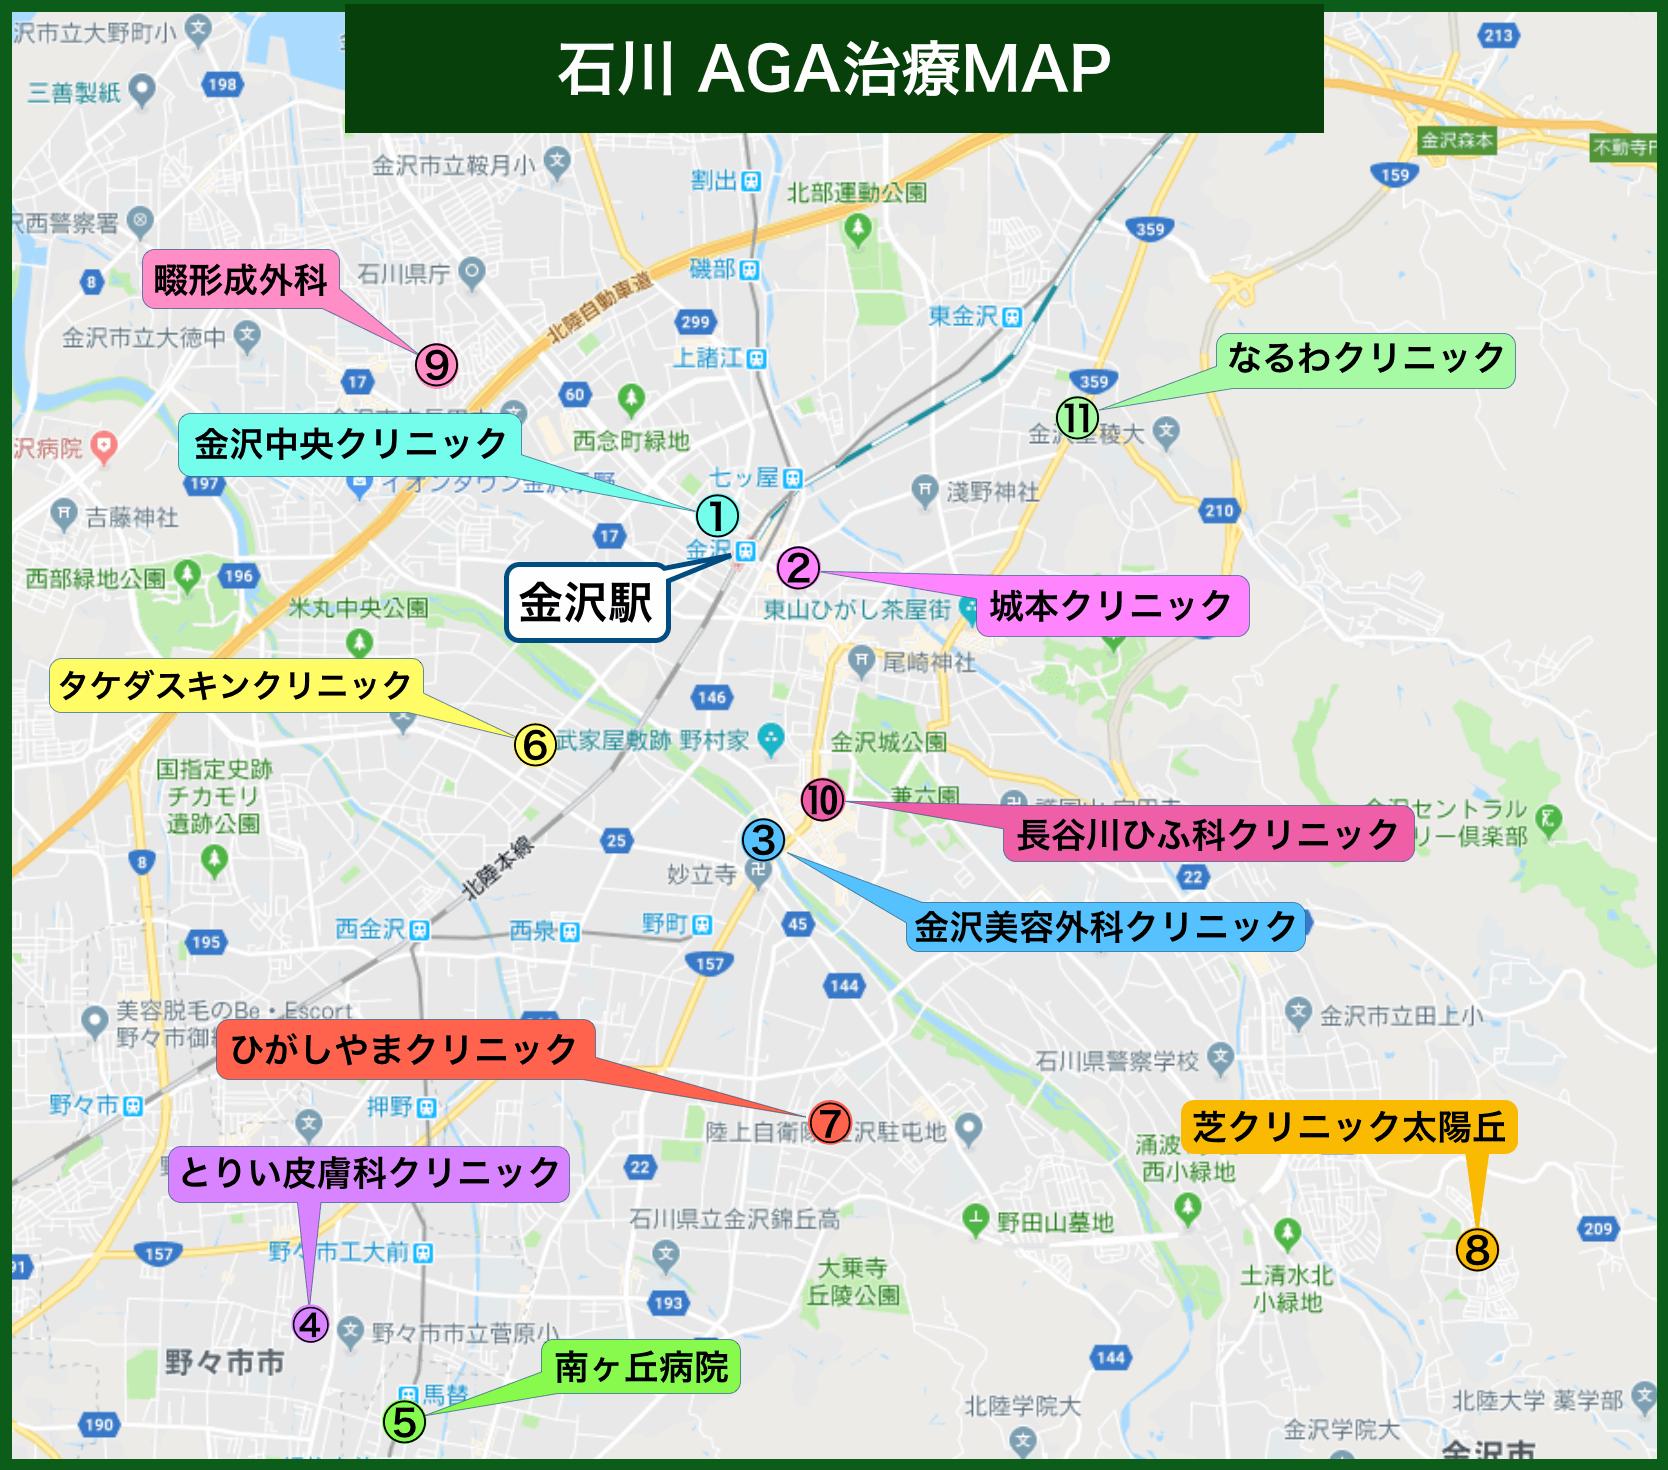 石川AGA治療MAP(2020年版)